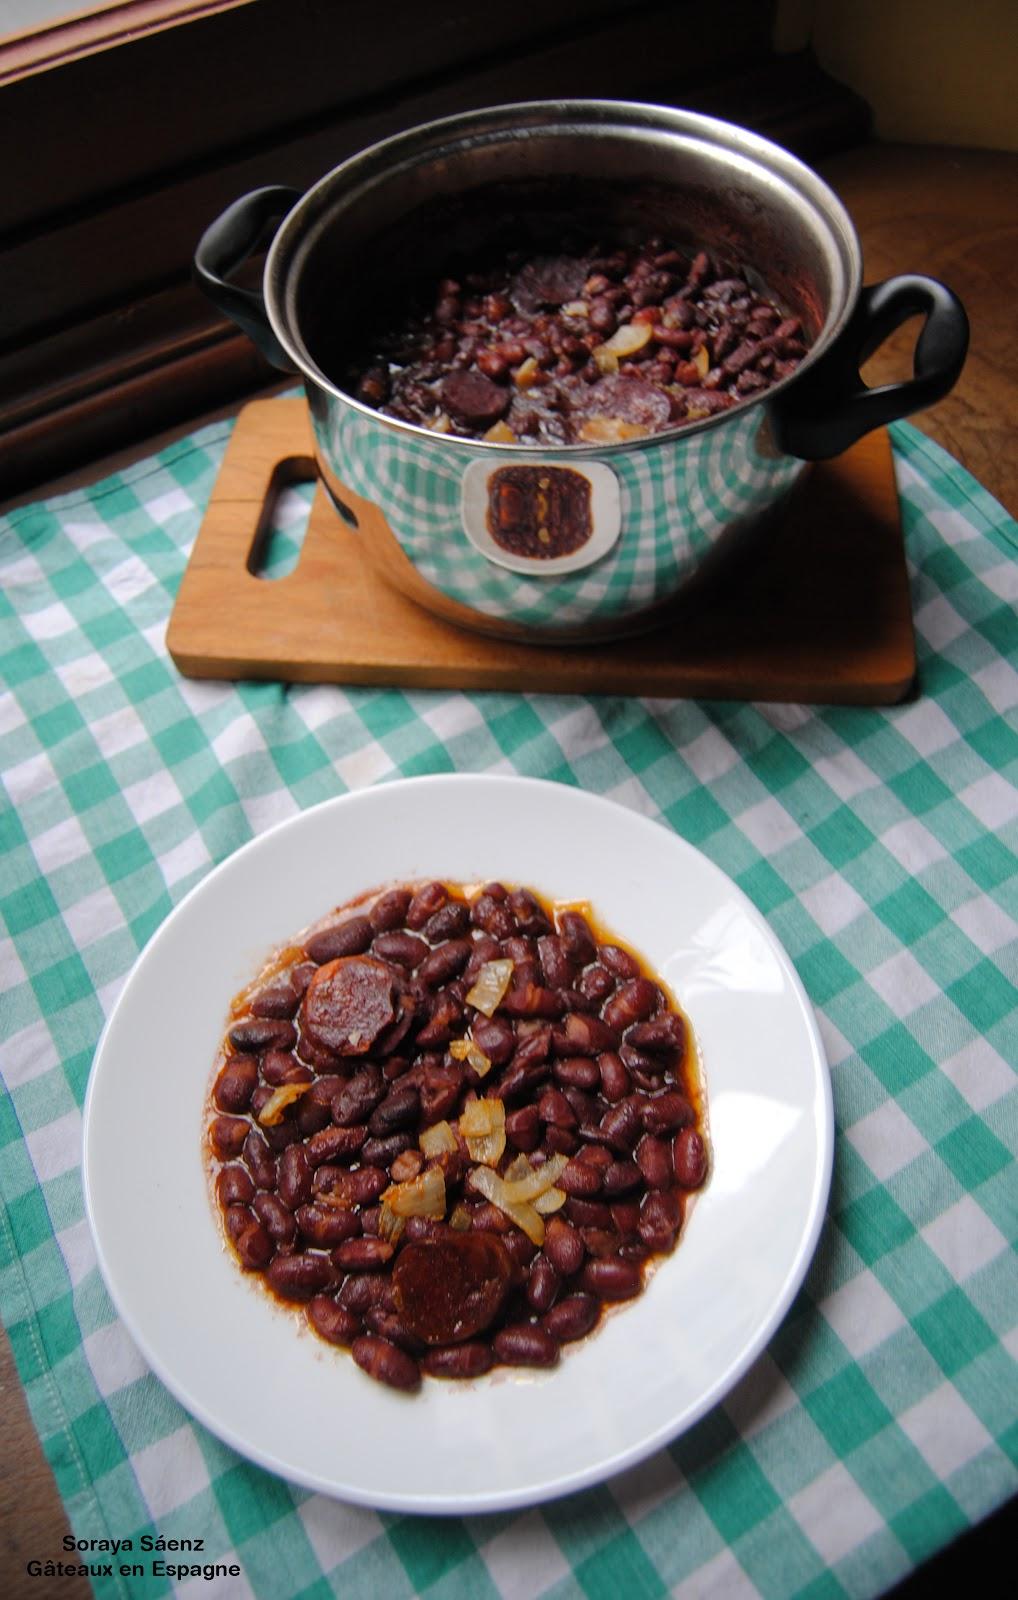 G teaux en espagne 39 caparrones 39 les haricots rouges - Cuisiner haricot rouge ...